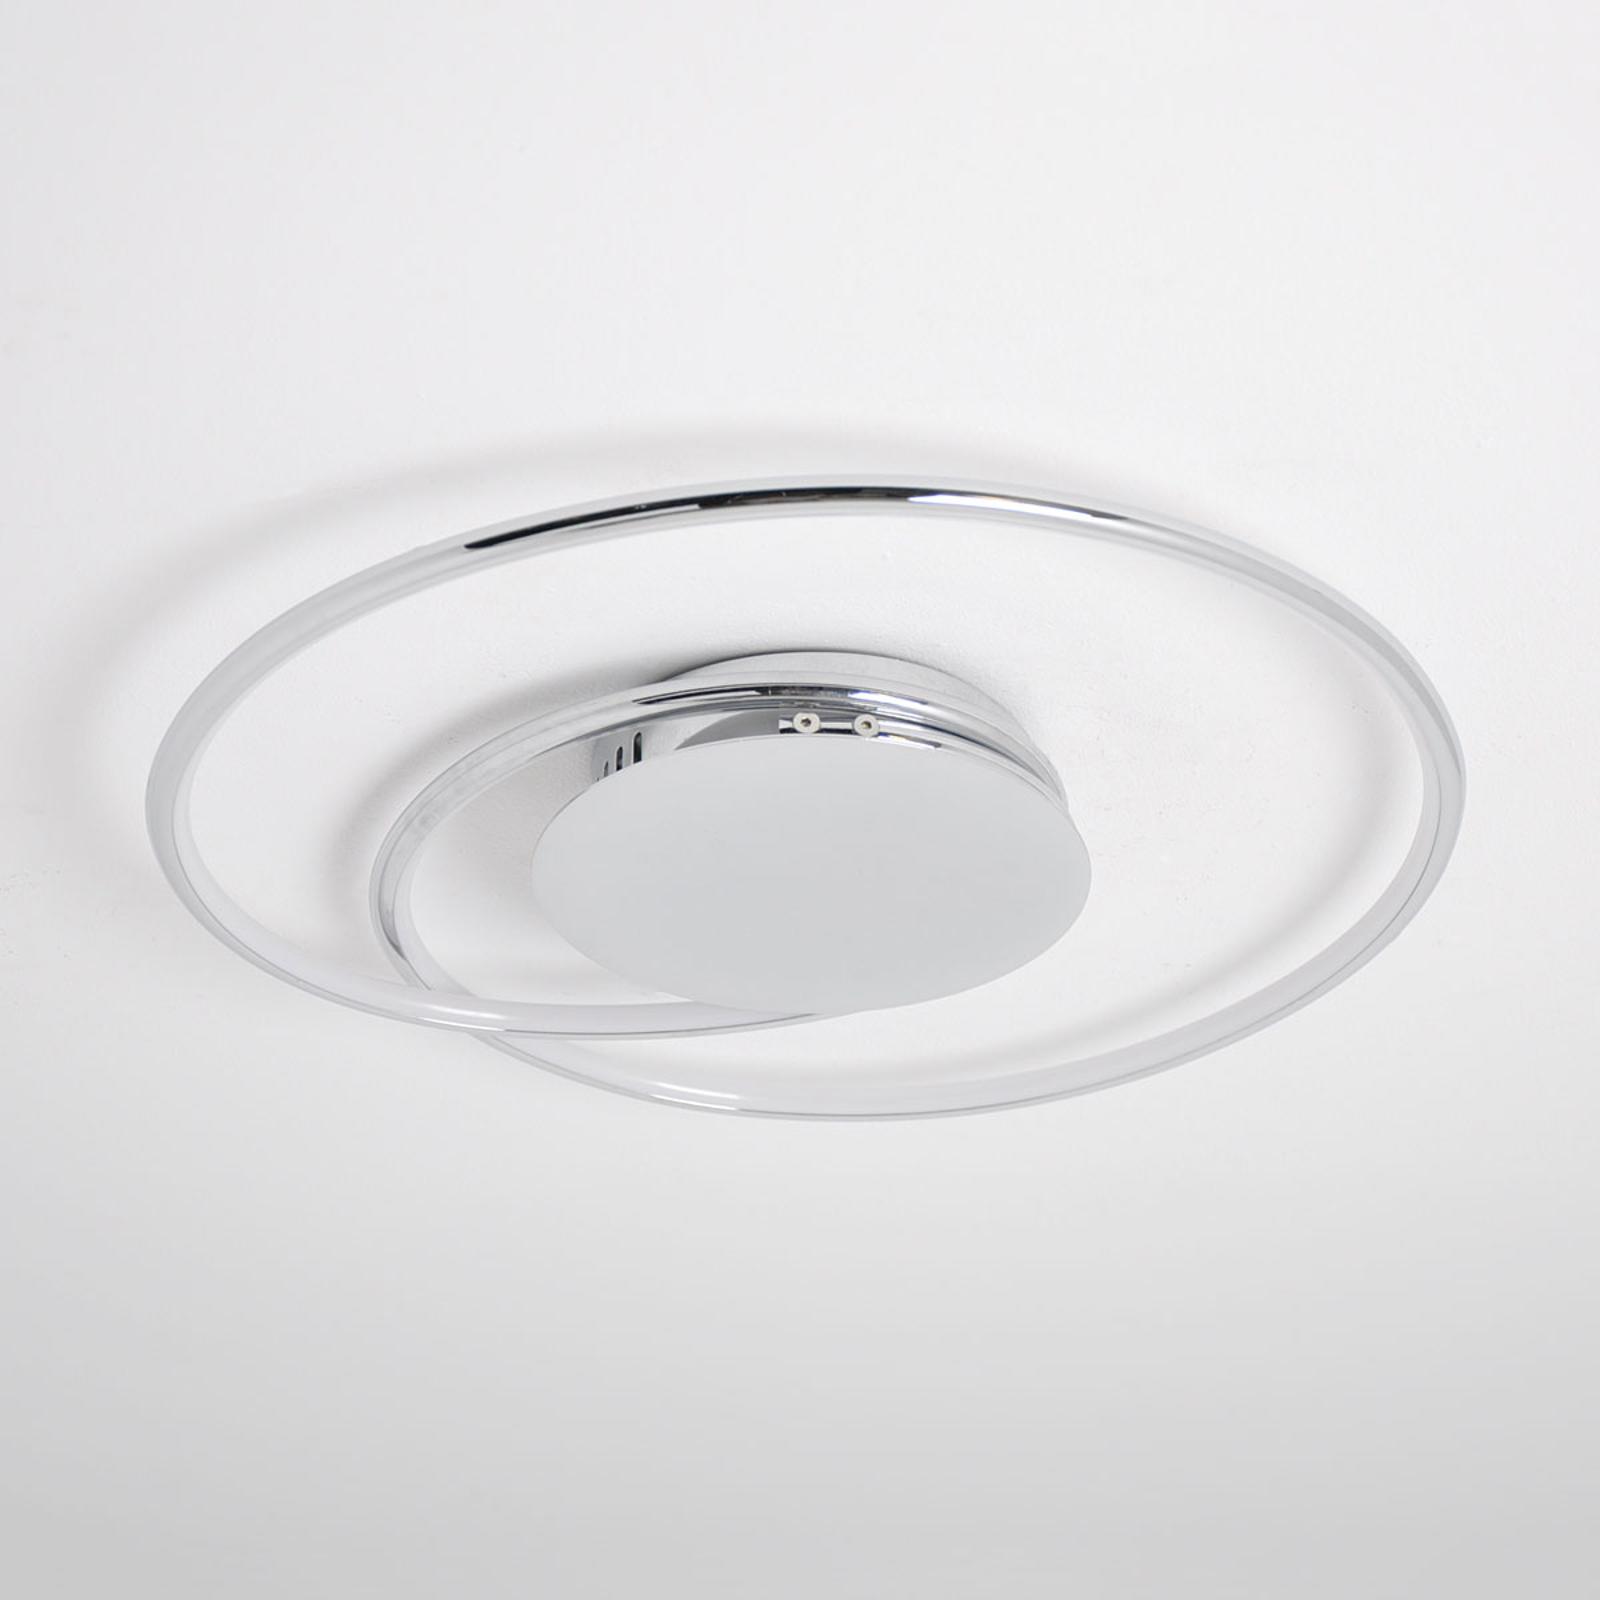 Joline - vakker LED-taklampe